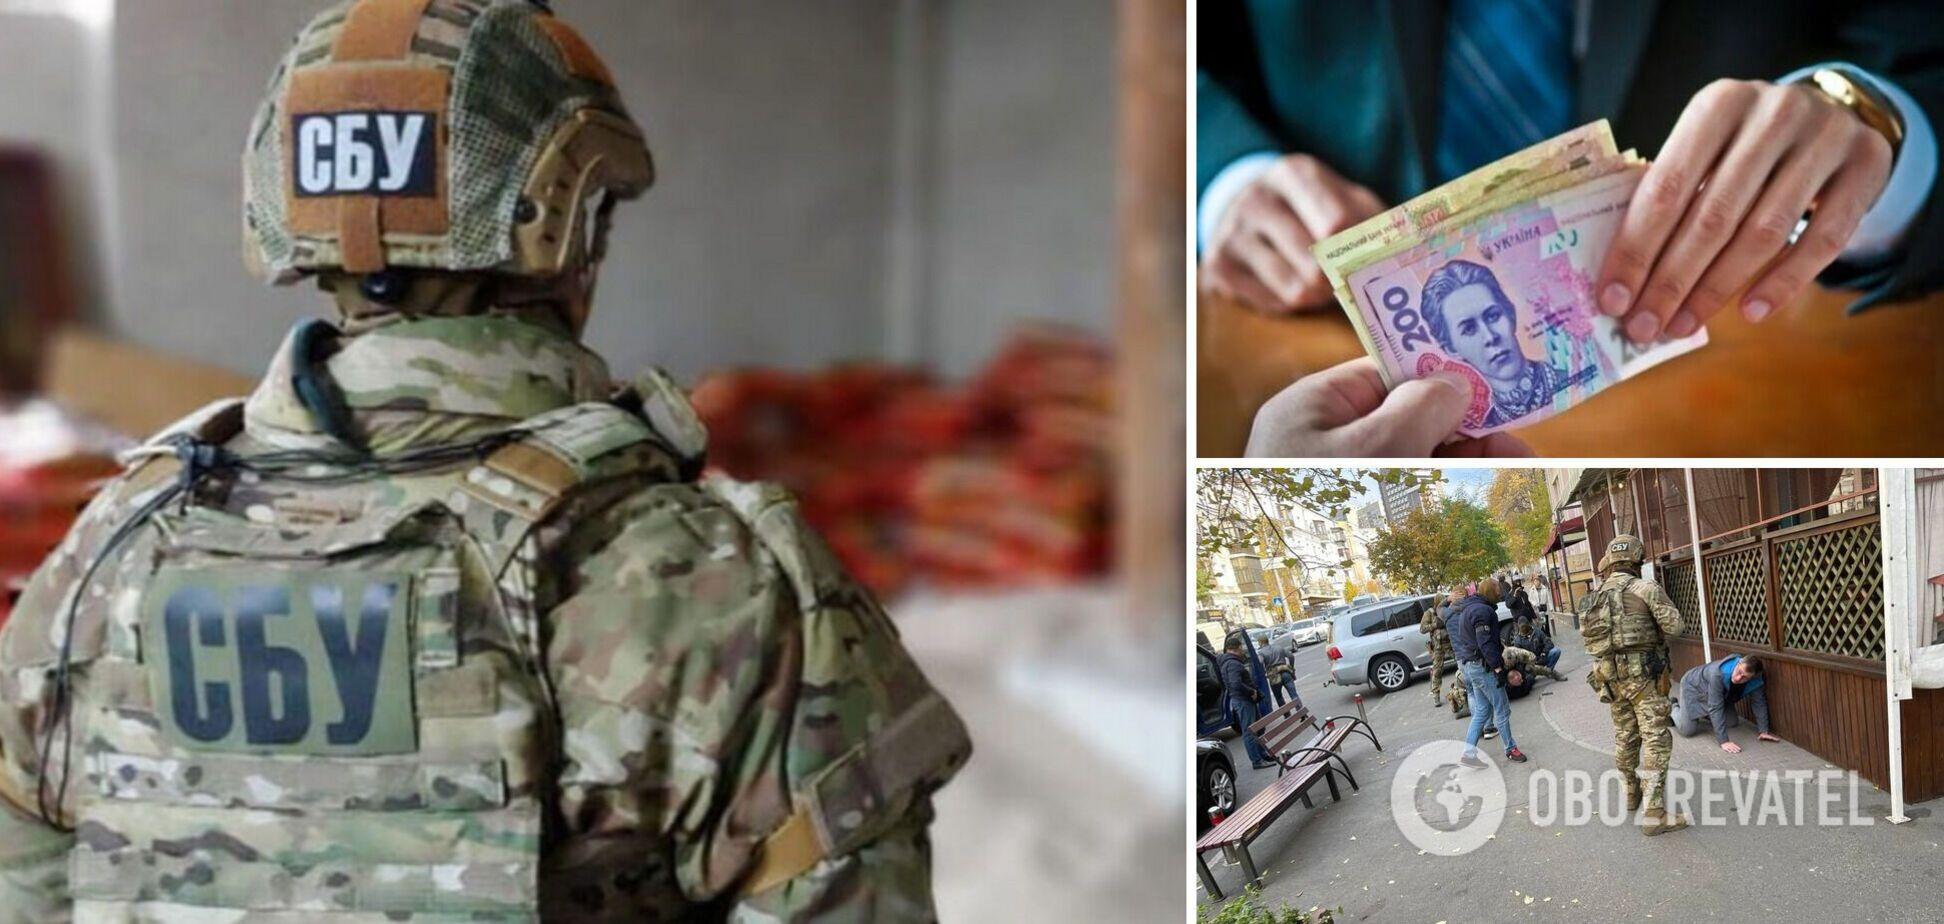 СБУ задержала в Киеве одного из начальников отделения ГБР. Фото и первые подробности